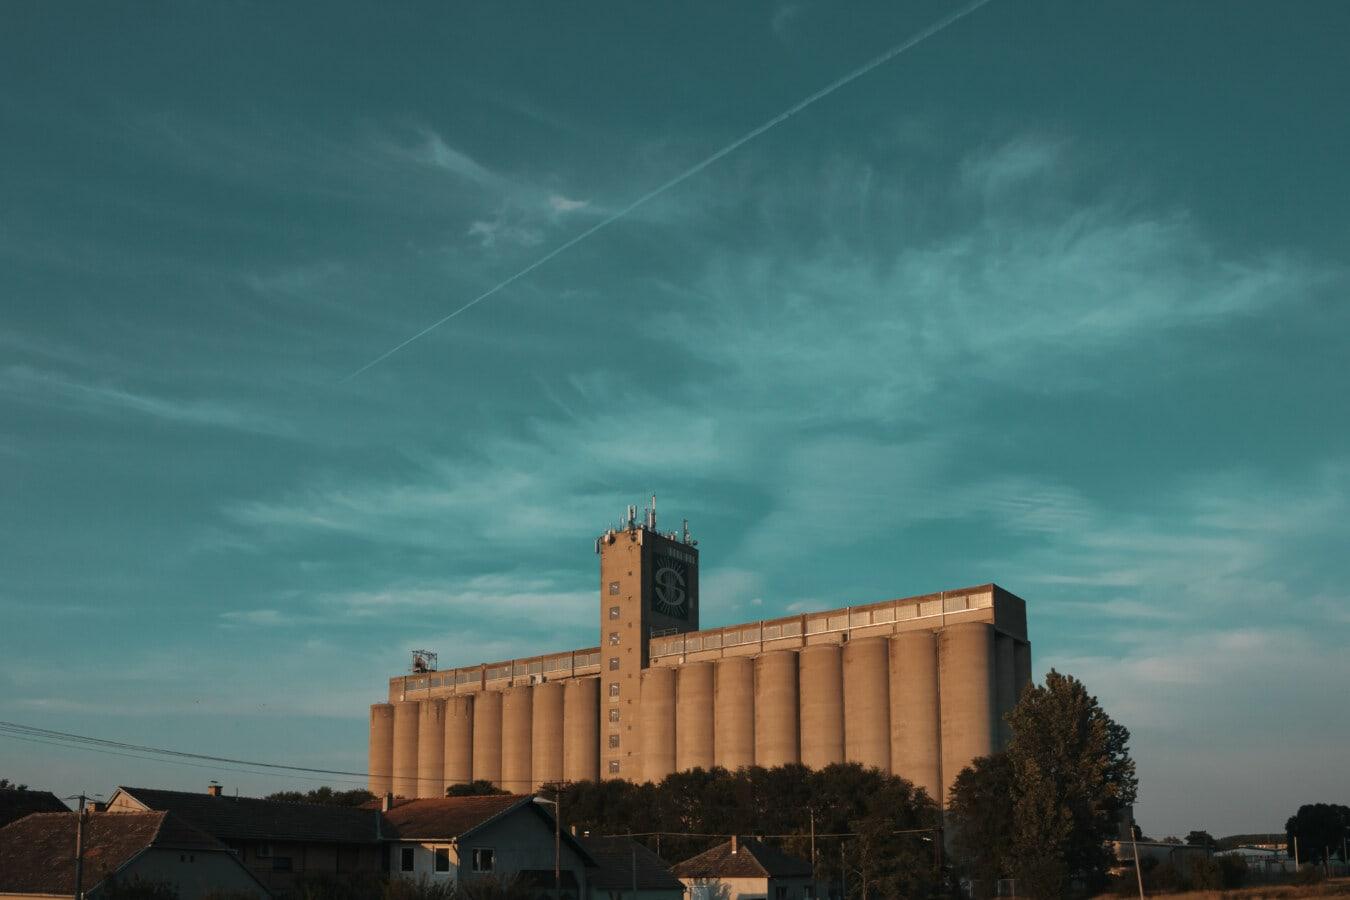 Gebäude, Silo, Straße, blauer Himmel, Architektur, Turm, Stadt, Sonnenuntergang, Licht, Urban